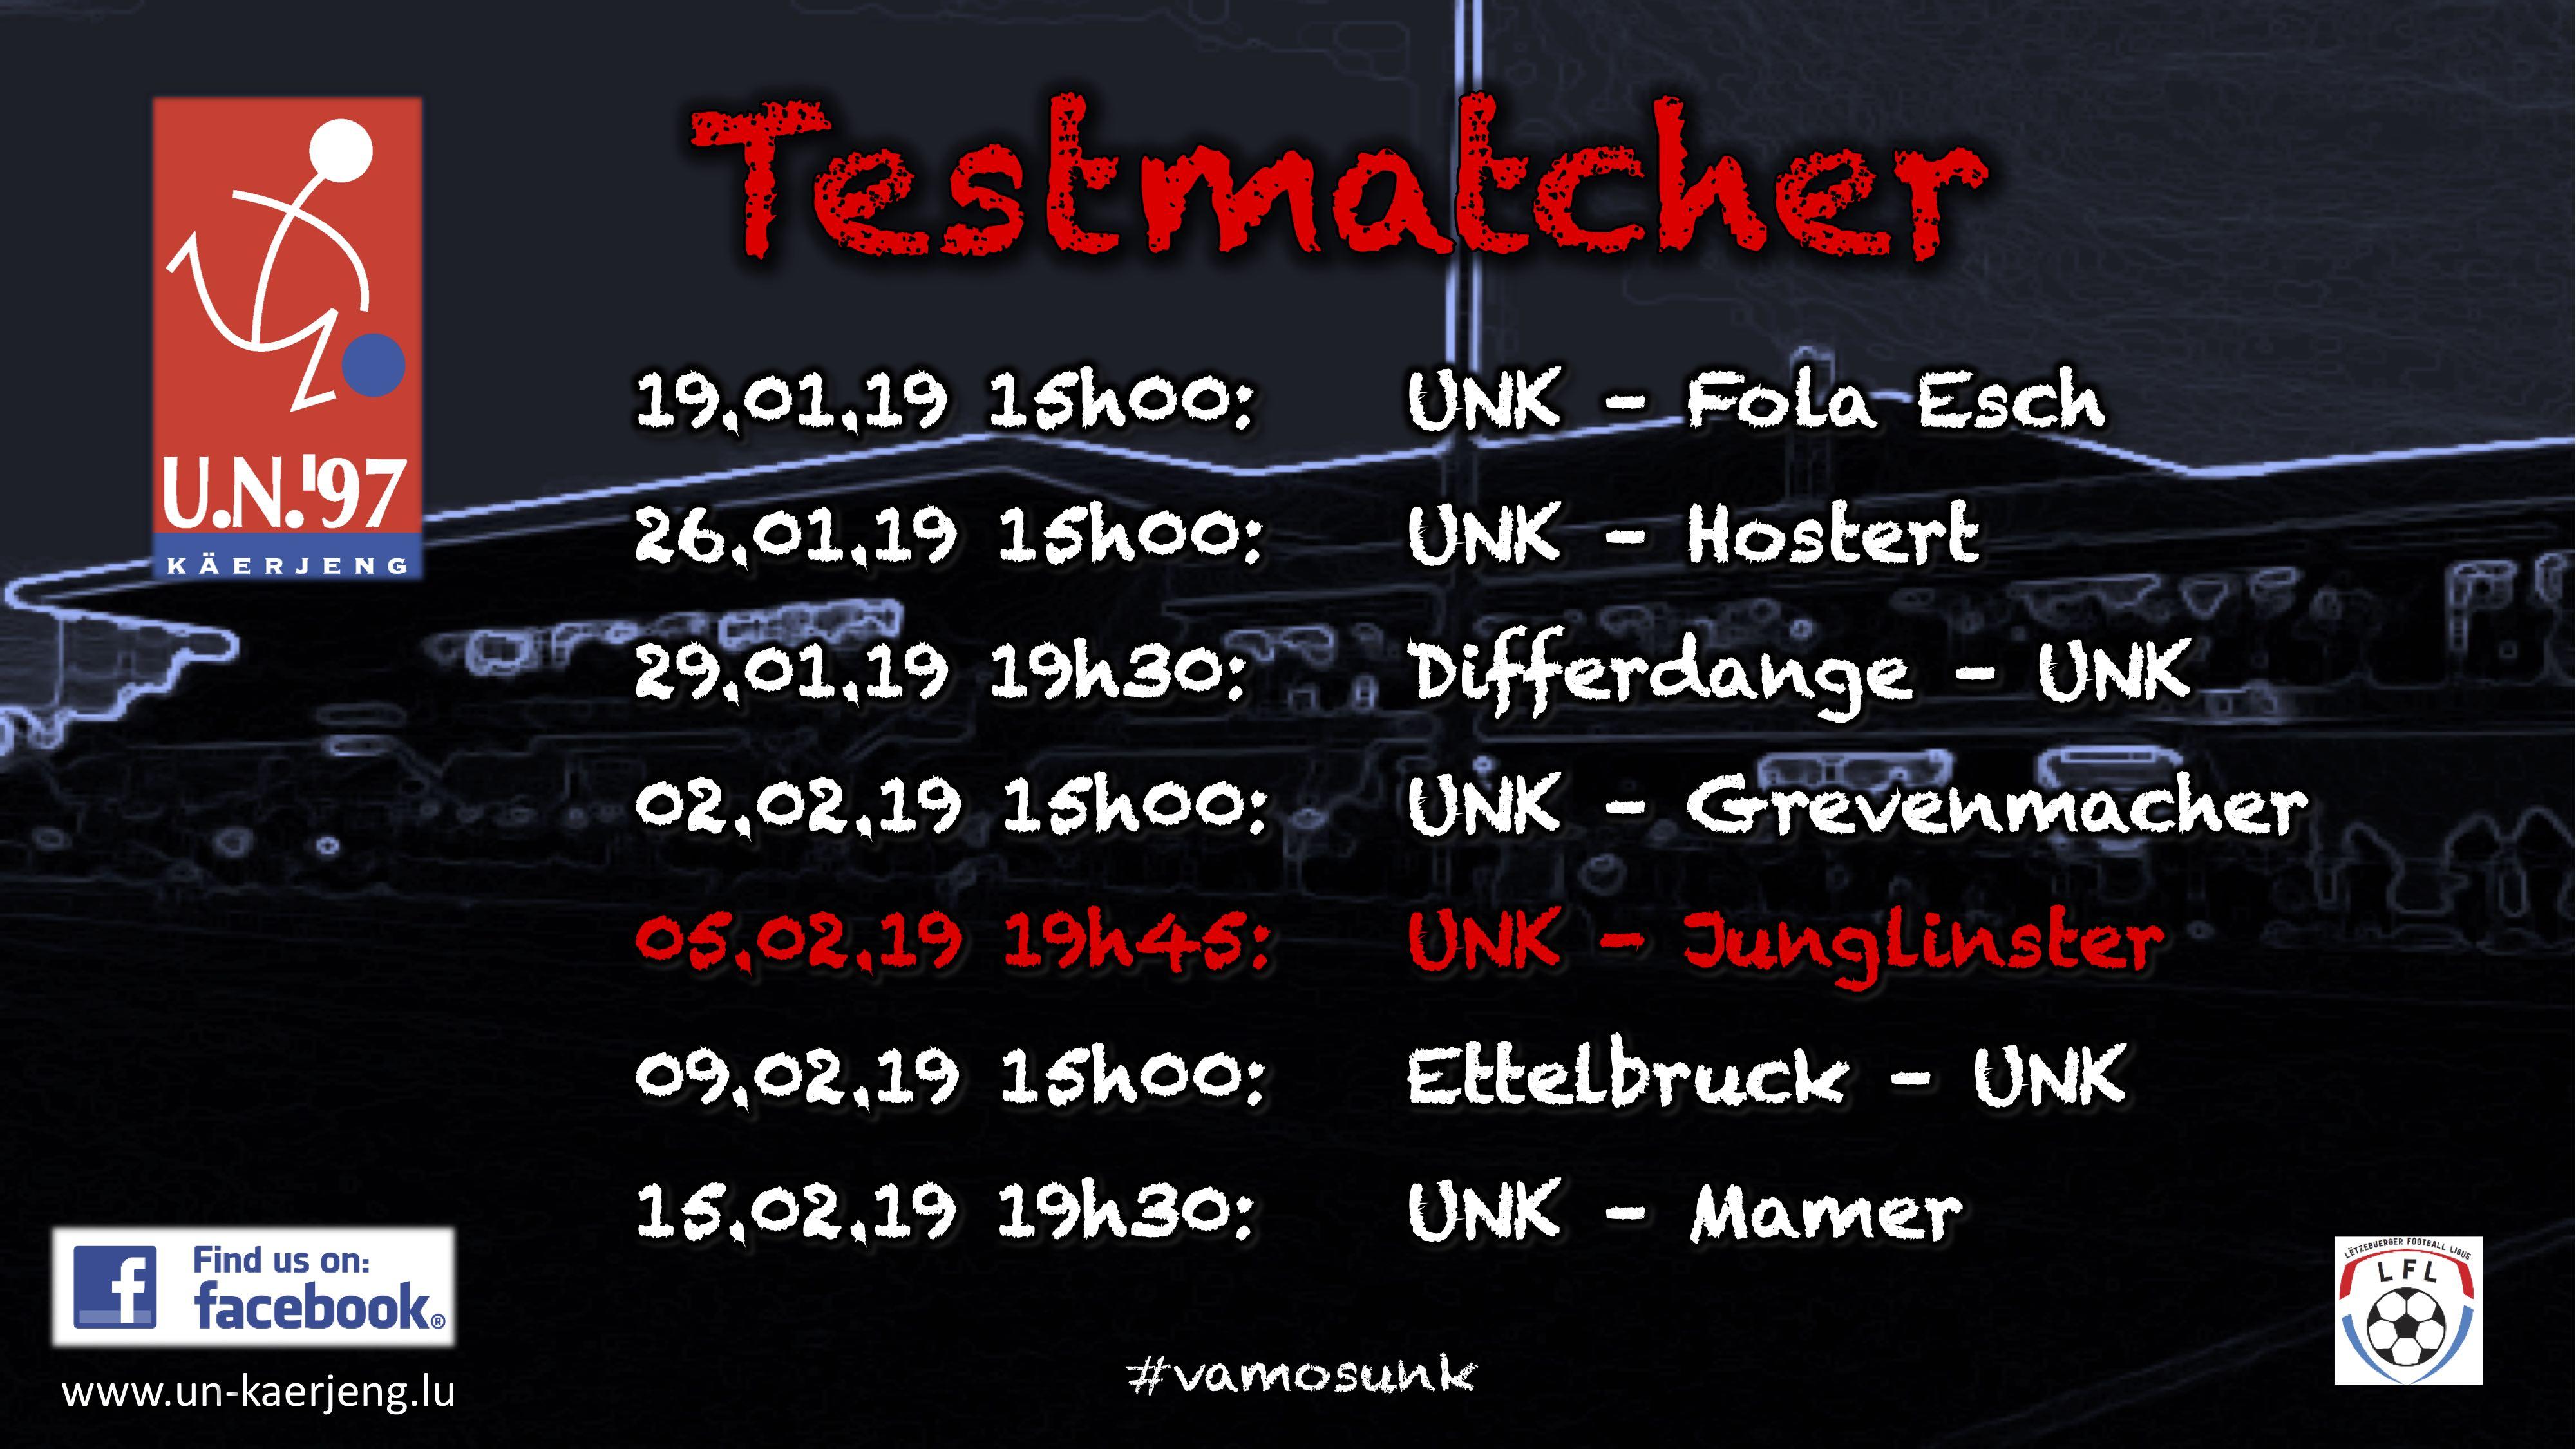 *** Testmatch UNK - Jonglënster zu Käerjeng ***